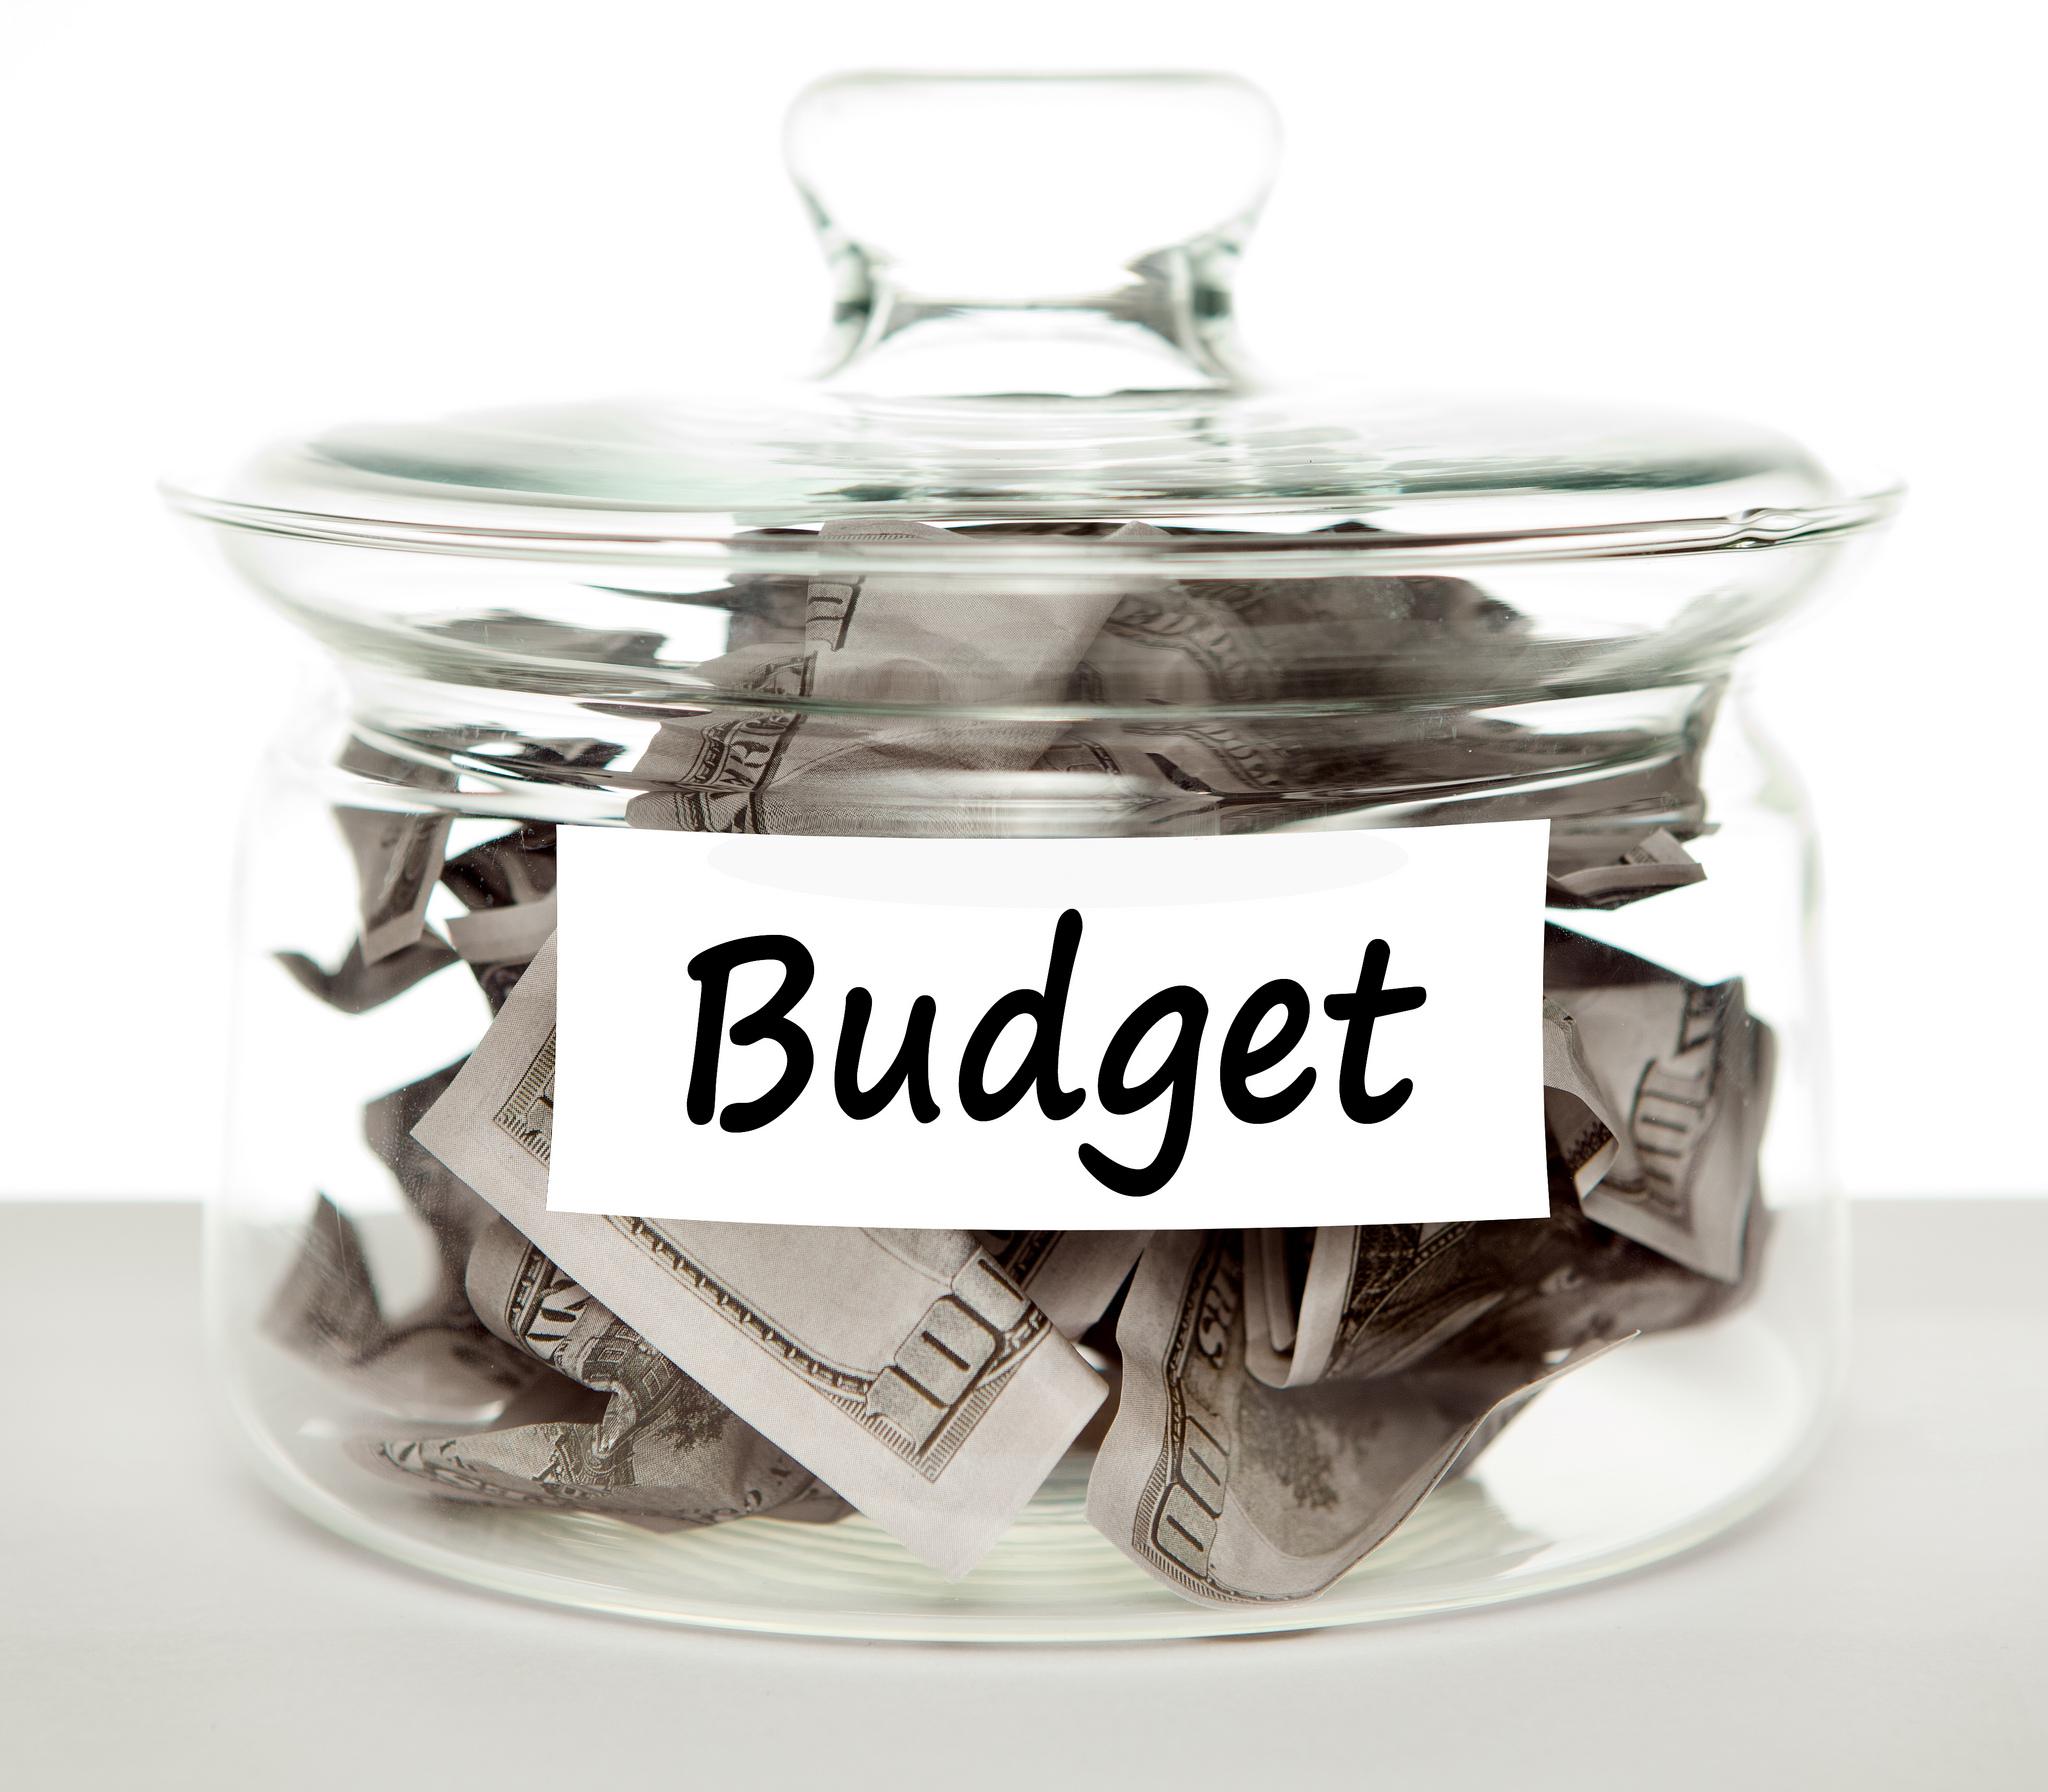 TÀI CHÍNH CÁ NHÂN: 7 bài học về cách quản lý tài chính cá nhân